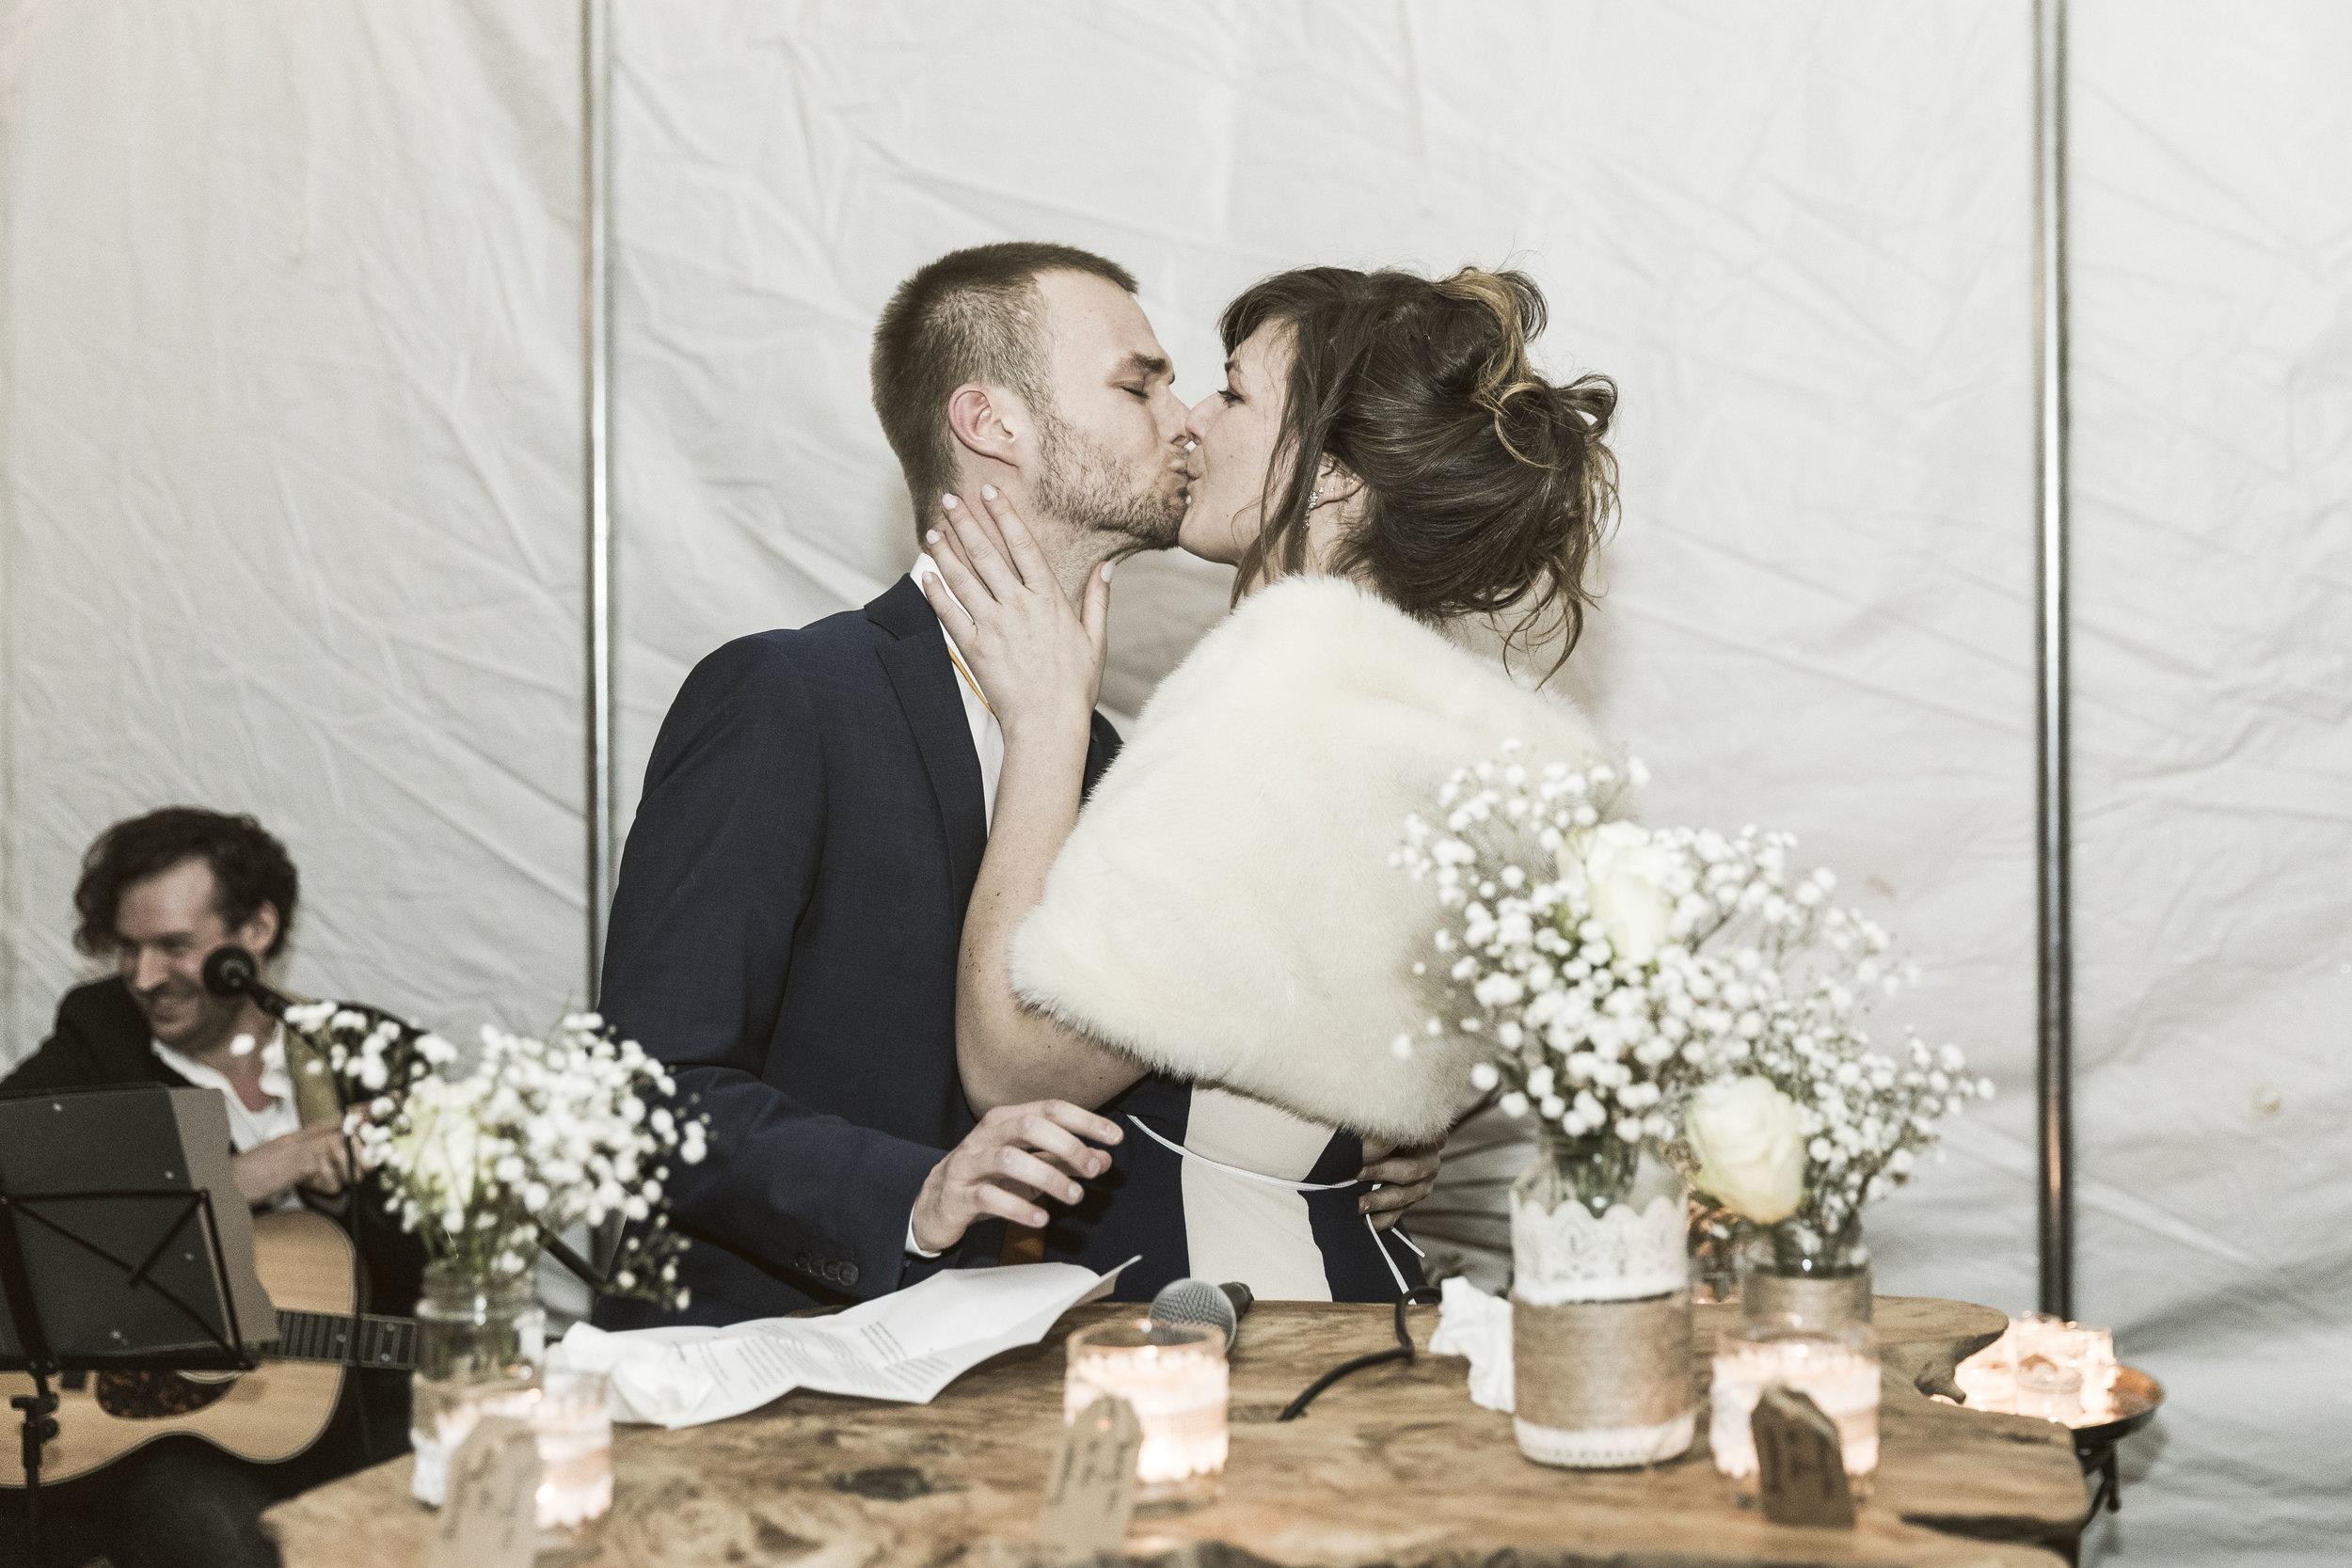 Huwelijk-Karo-Steven-20171216-Alexis-Breugelmans-033.jpg